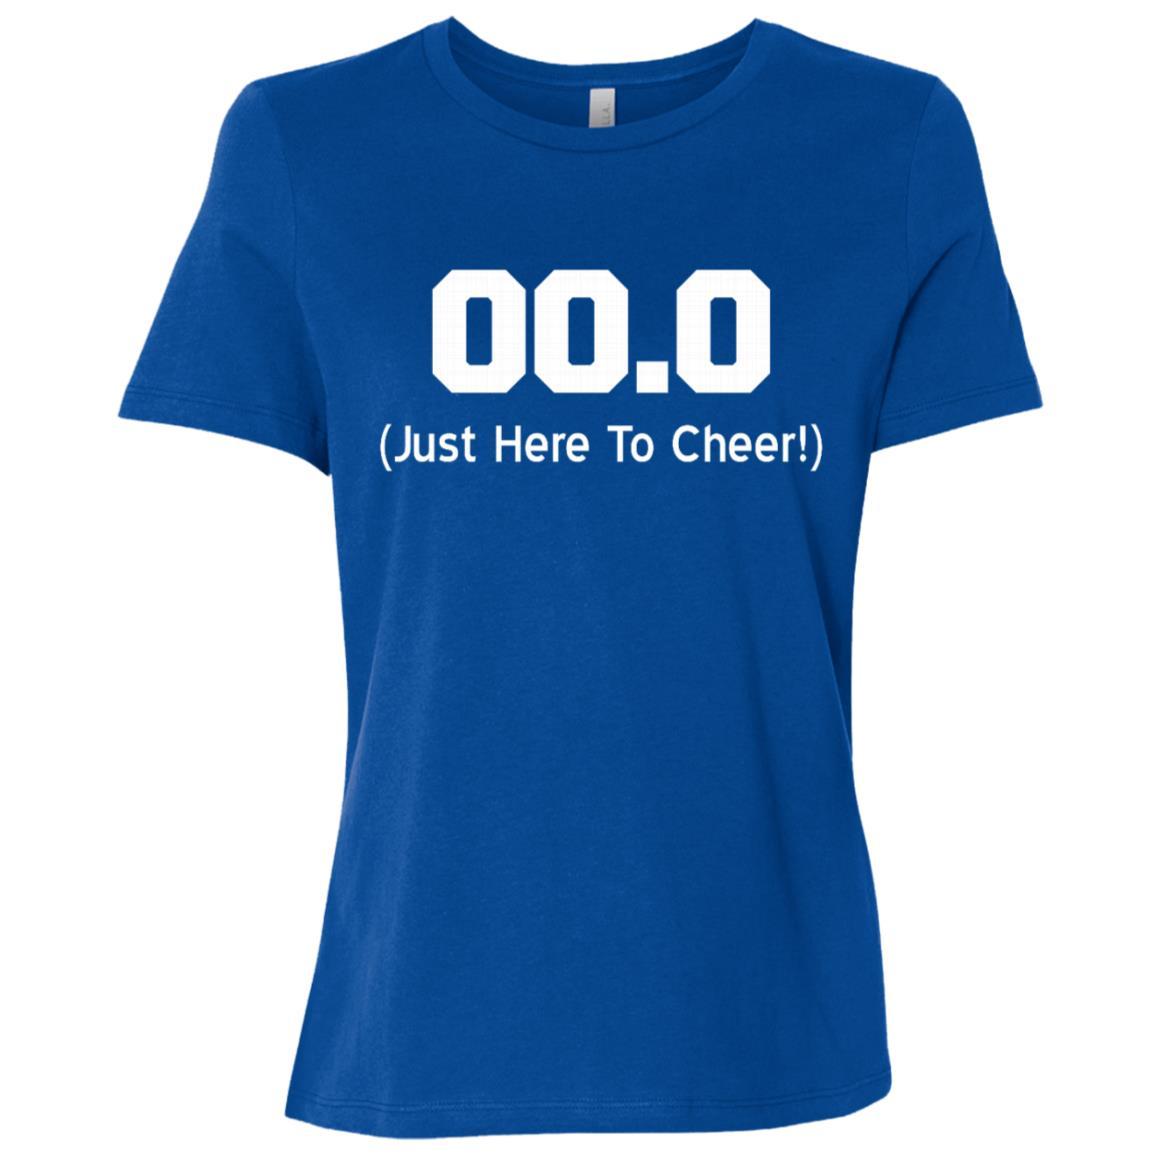 00.0 Just Here To Cheer Running Spectator Women Short Sleeve T-Shirt